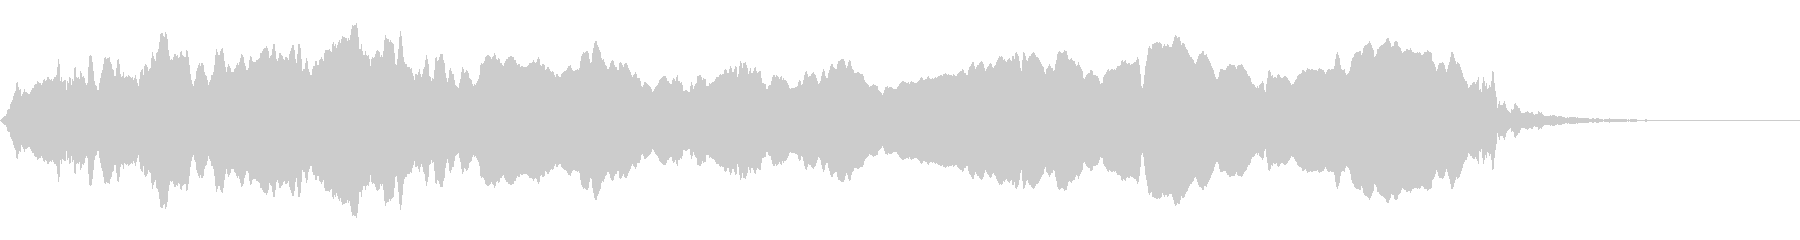 EERIE、AGONIZING G...の未再生の波形